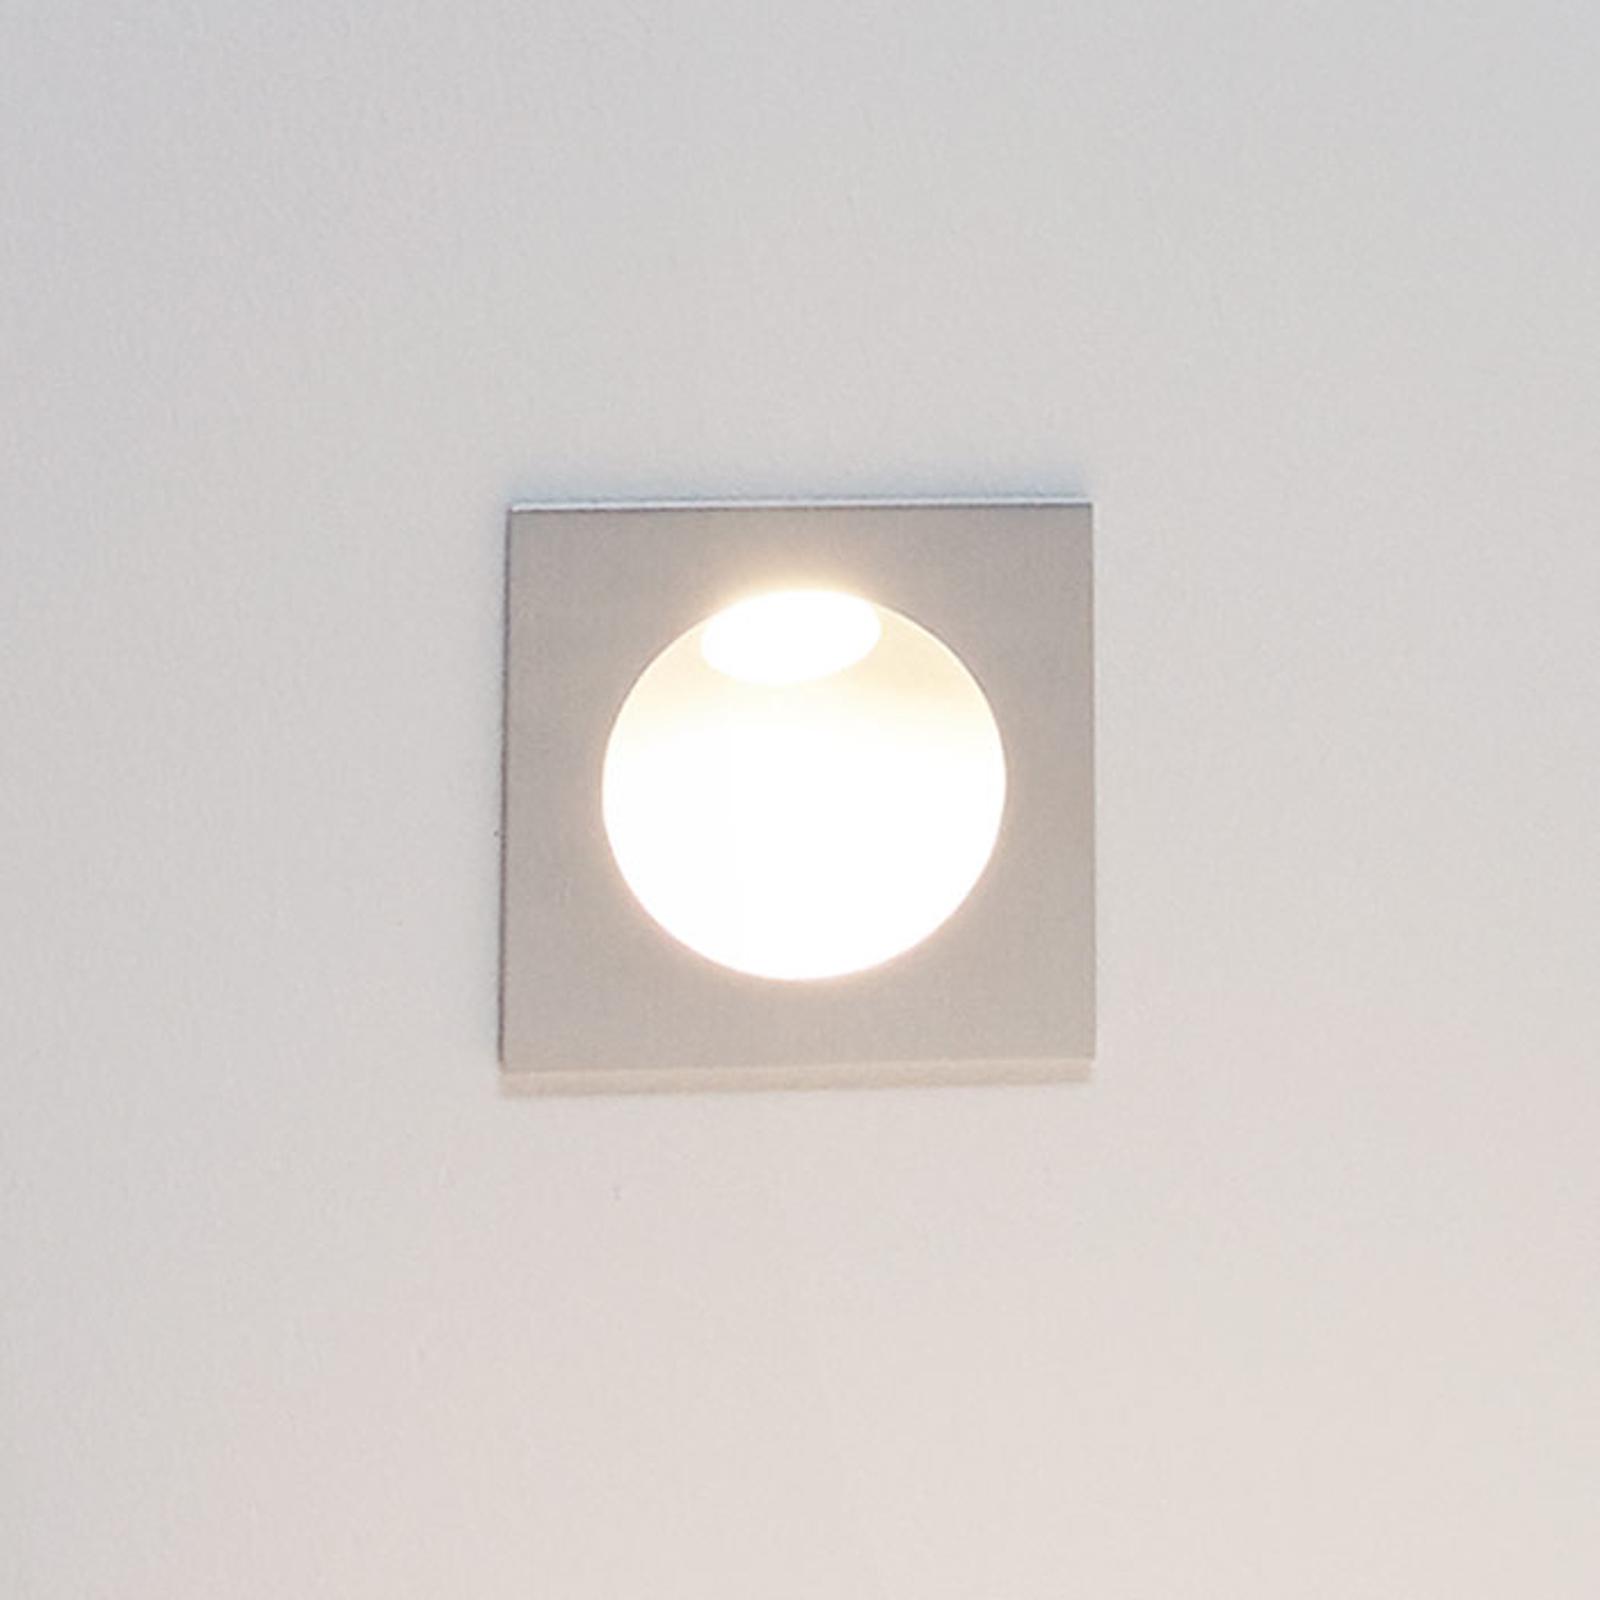 Applique encastrable LED Zarate, argenté